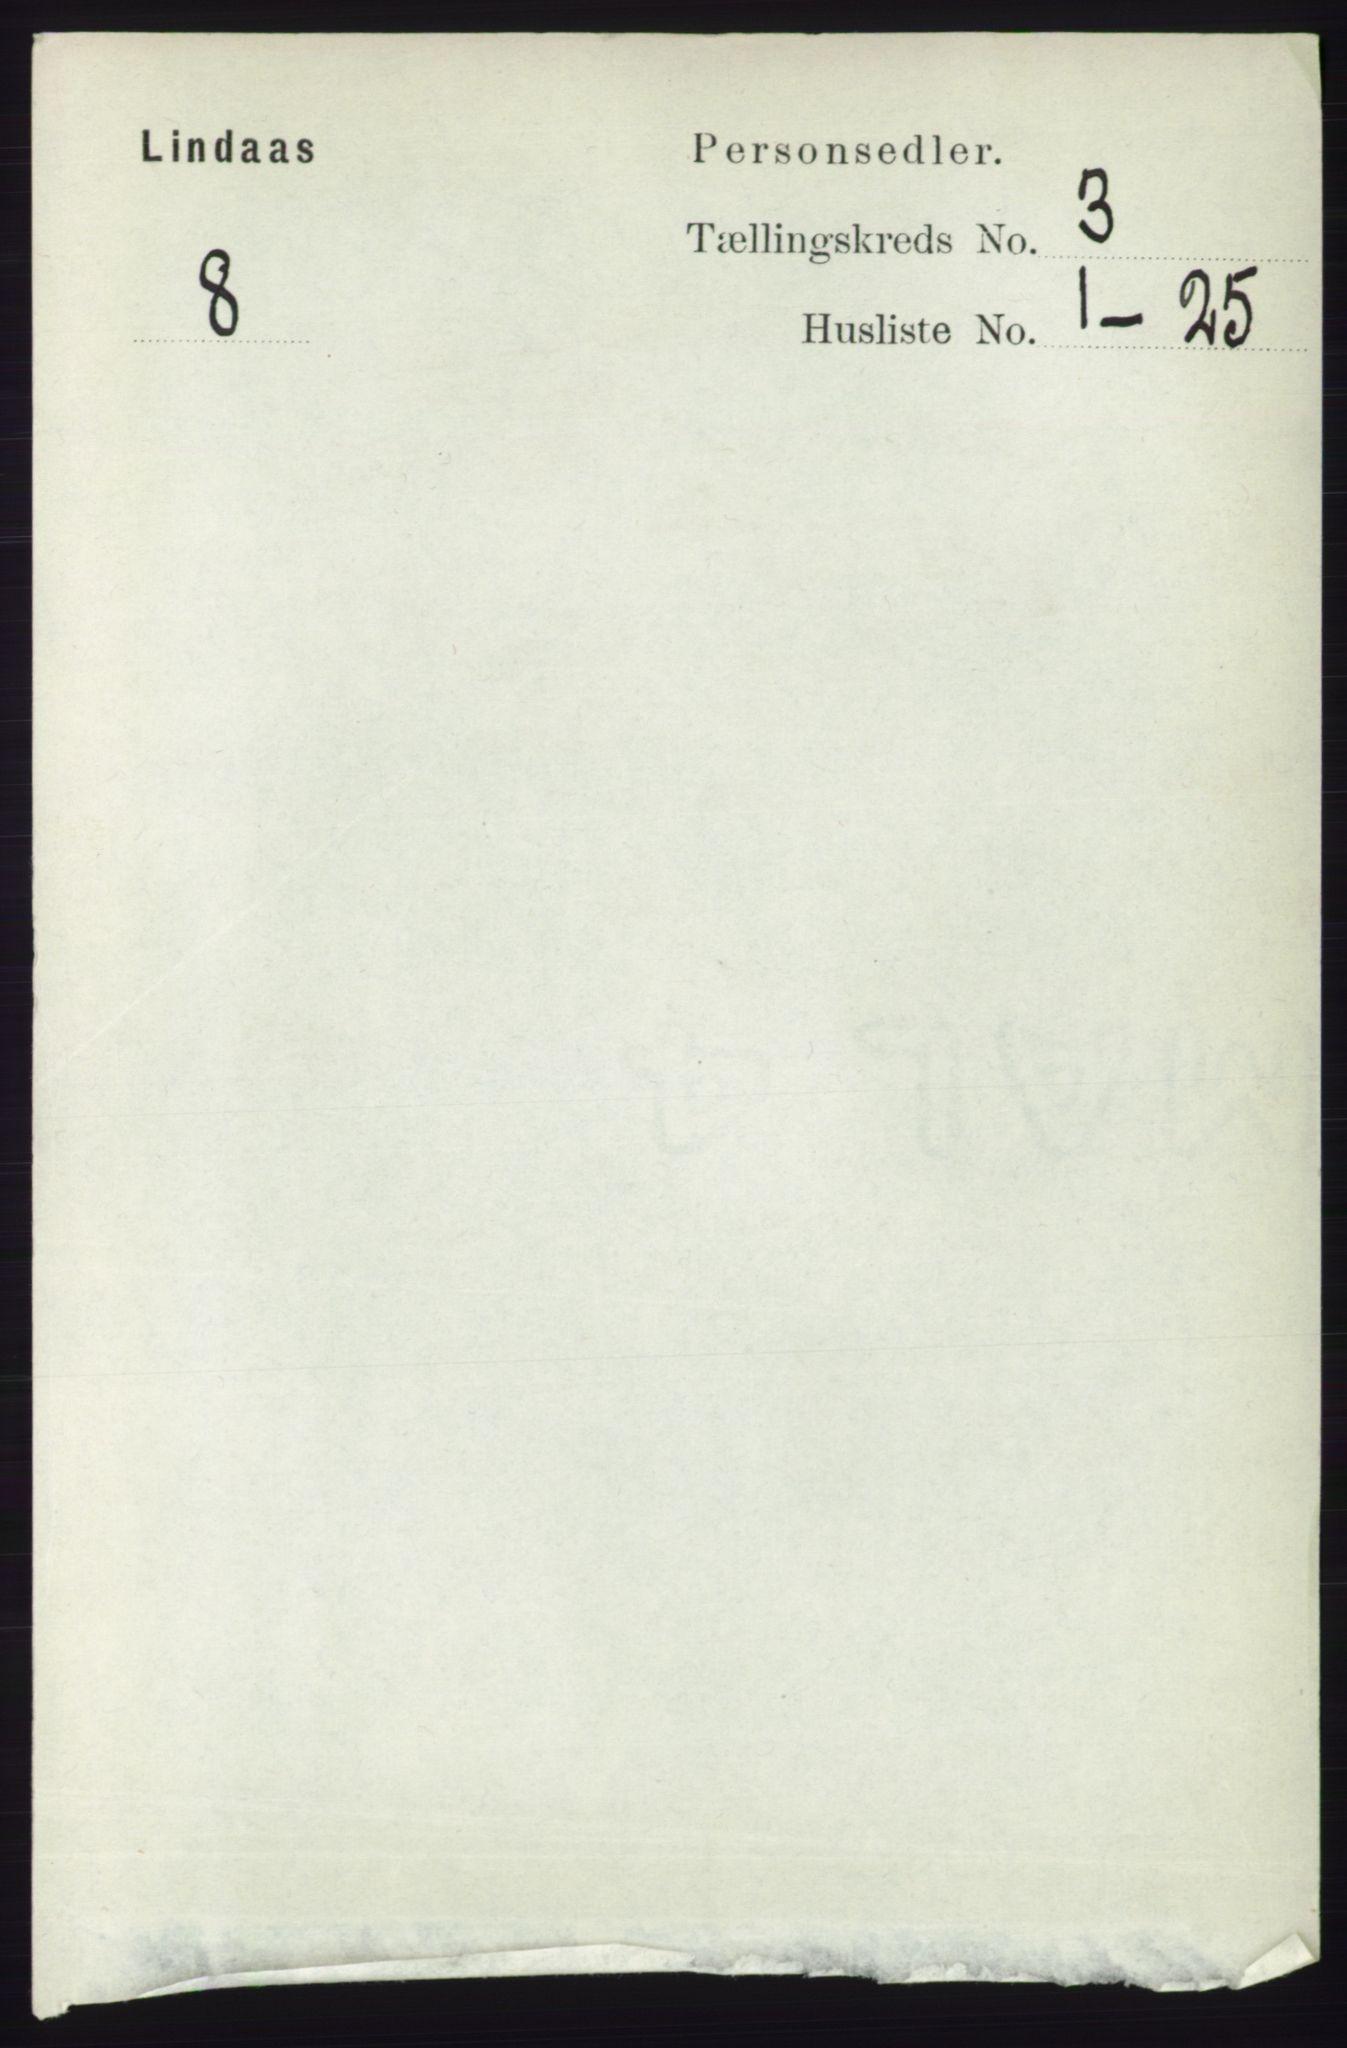 RA, Folketelling 1891 for 1263 Lindås herred, 1891, s. 804